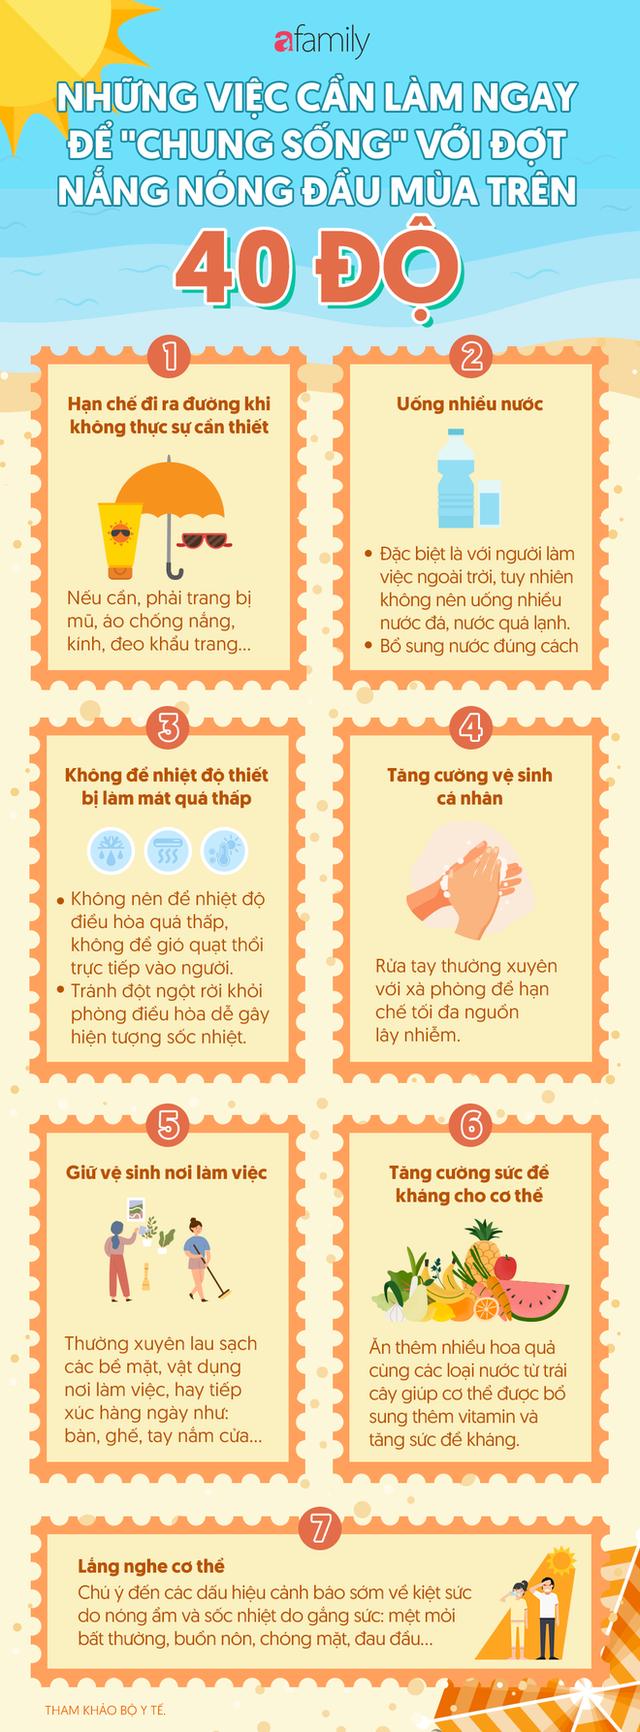 Infographic: Những việc cần làm ngay để chung sống với đợt nắng nóng đầu mùa trên 40 độ - Ảnh 1.